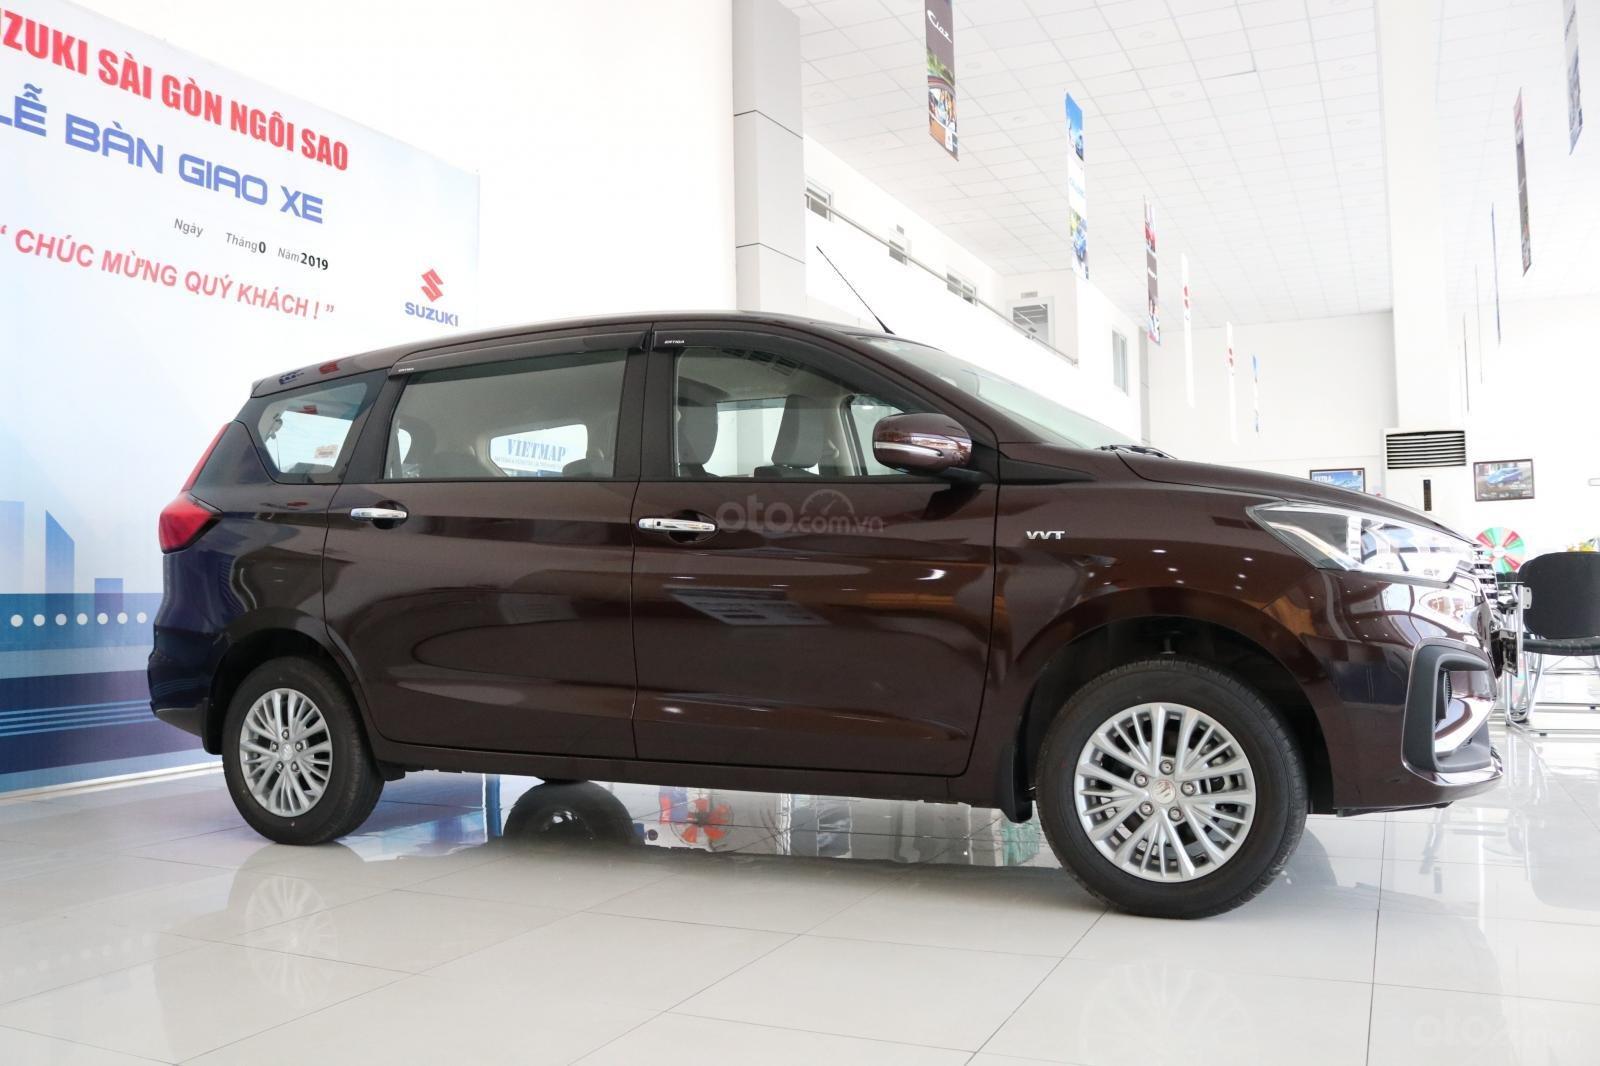 Bán xe Suzuki Ertiga nhập khẩu giao ngay màu đen, trắng, bạc và nâu liên hệ 0933460777 (2)